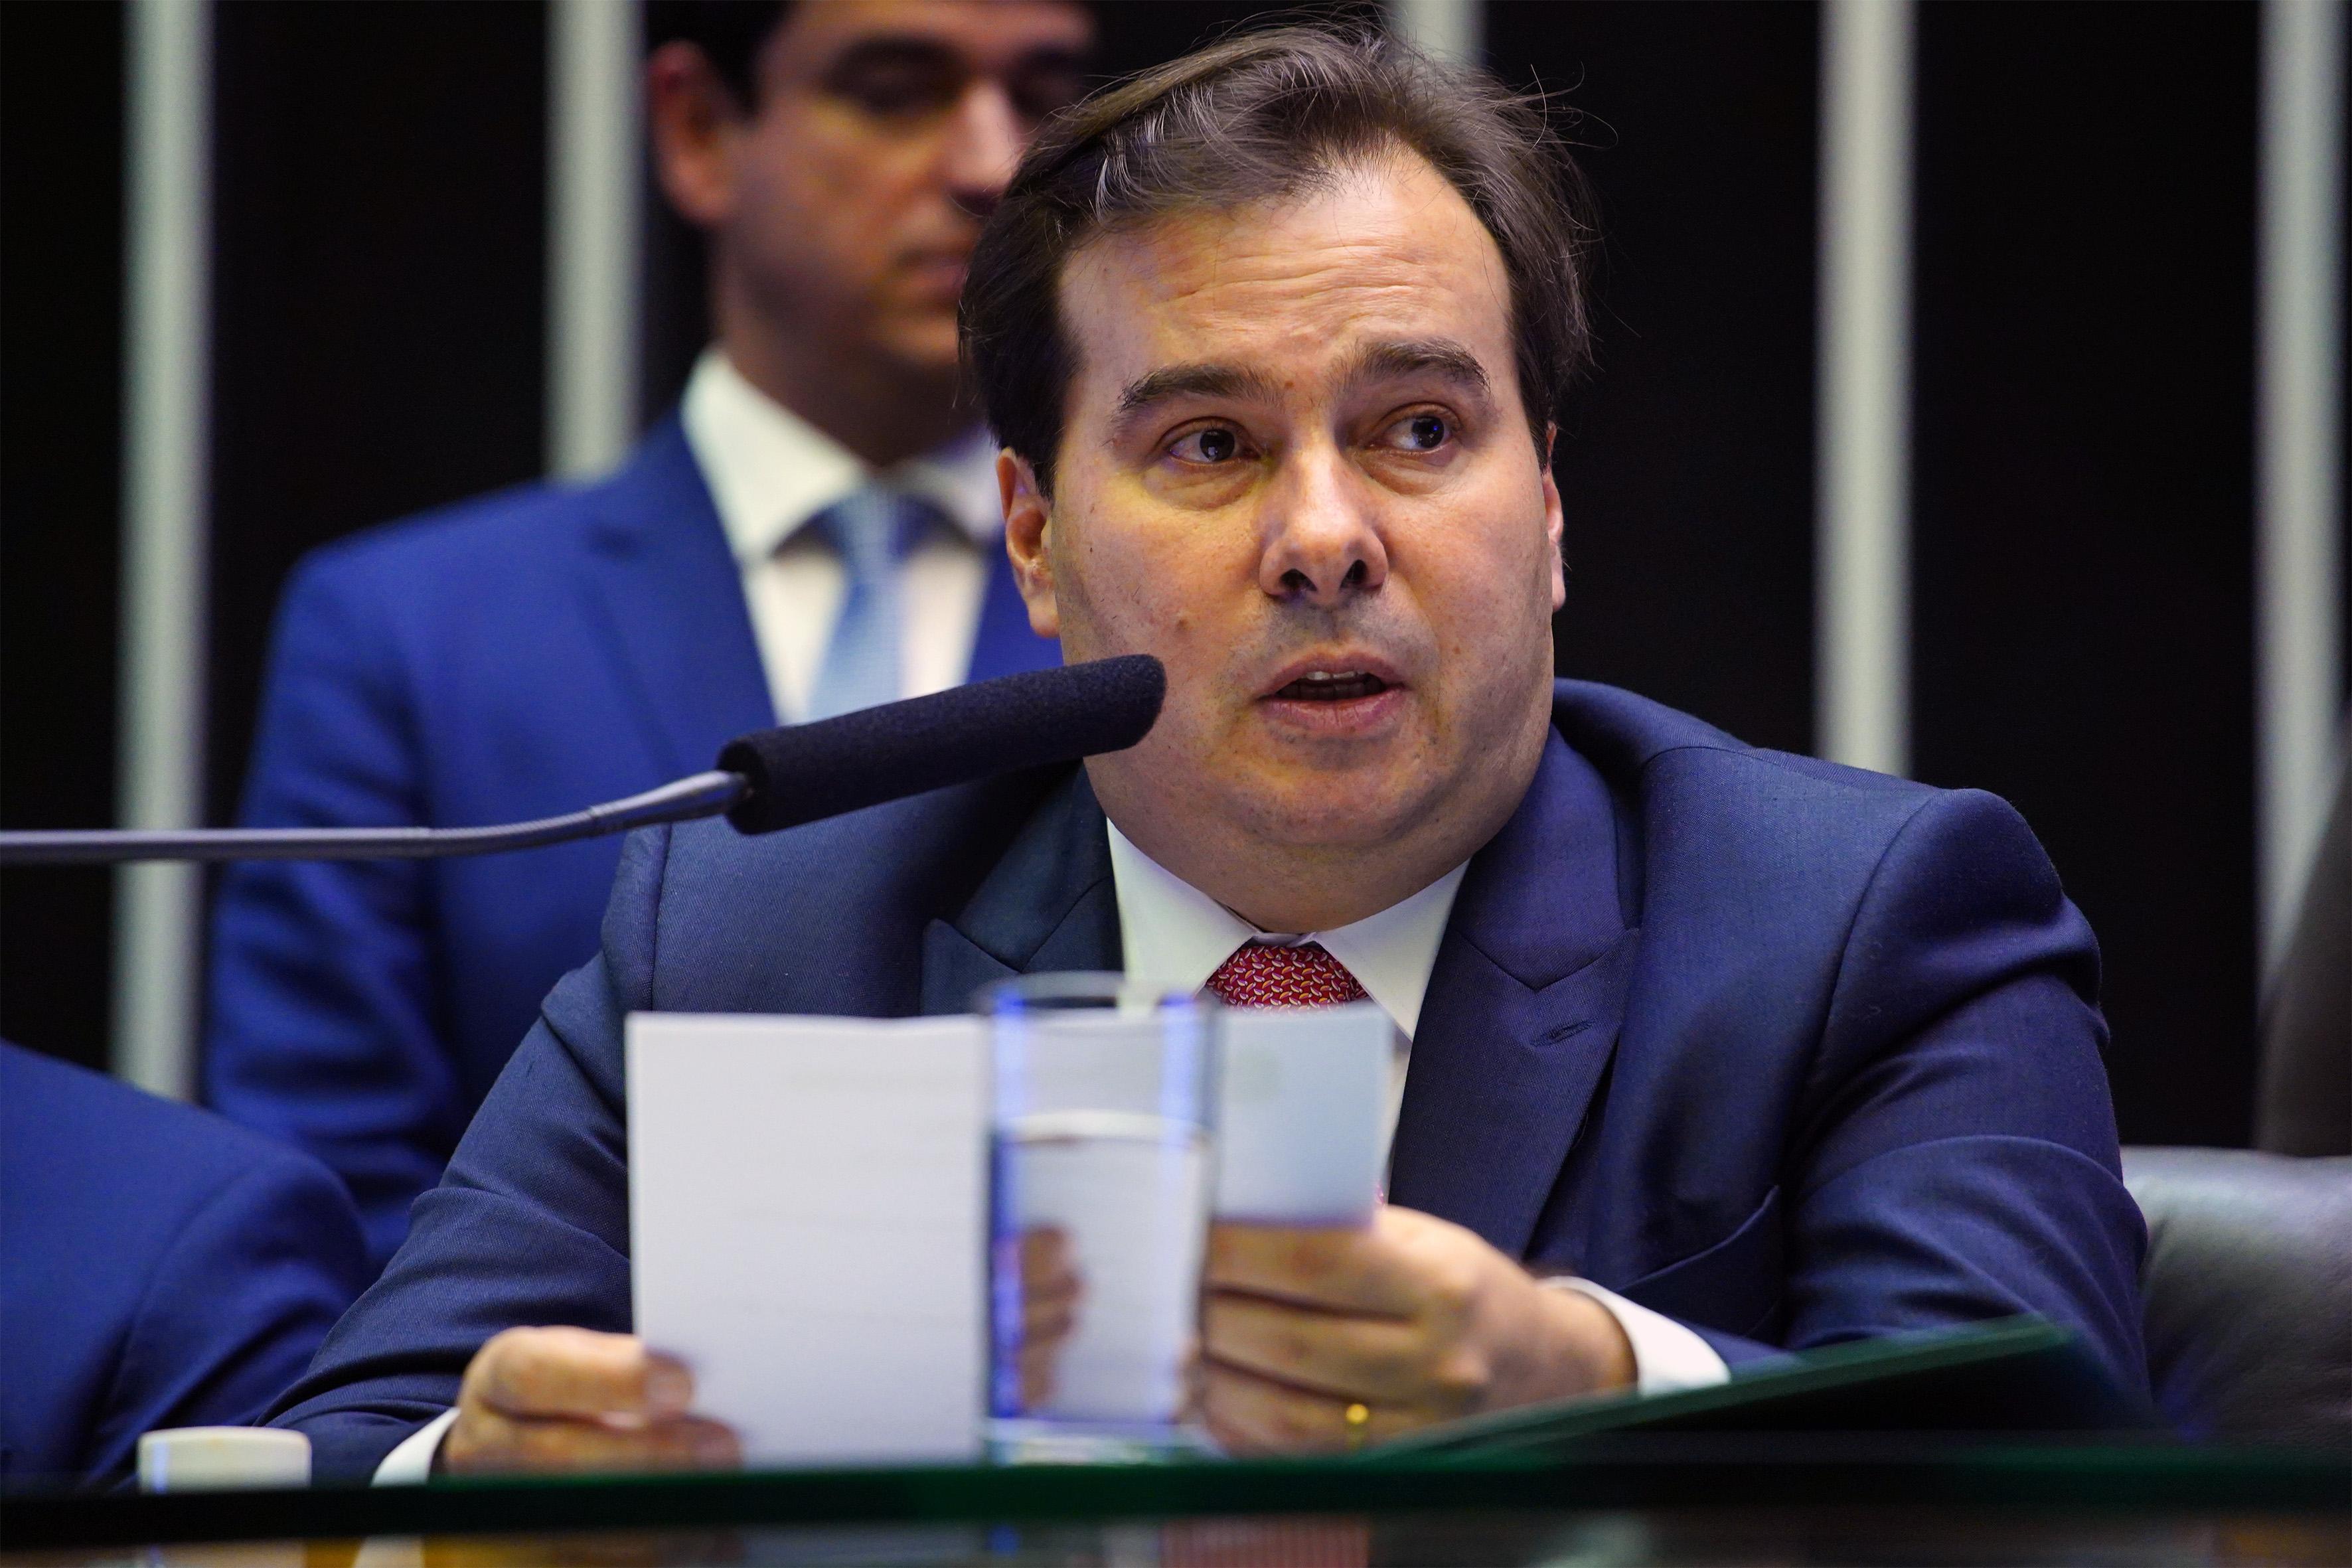 O Congresso Nacional inicia hoje os trabalhos legislativos de 2019, em sessão solene conjunta da Câmara e do Senado. Dep. Rodrigo Maia (DEM-RJ)